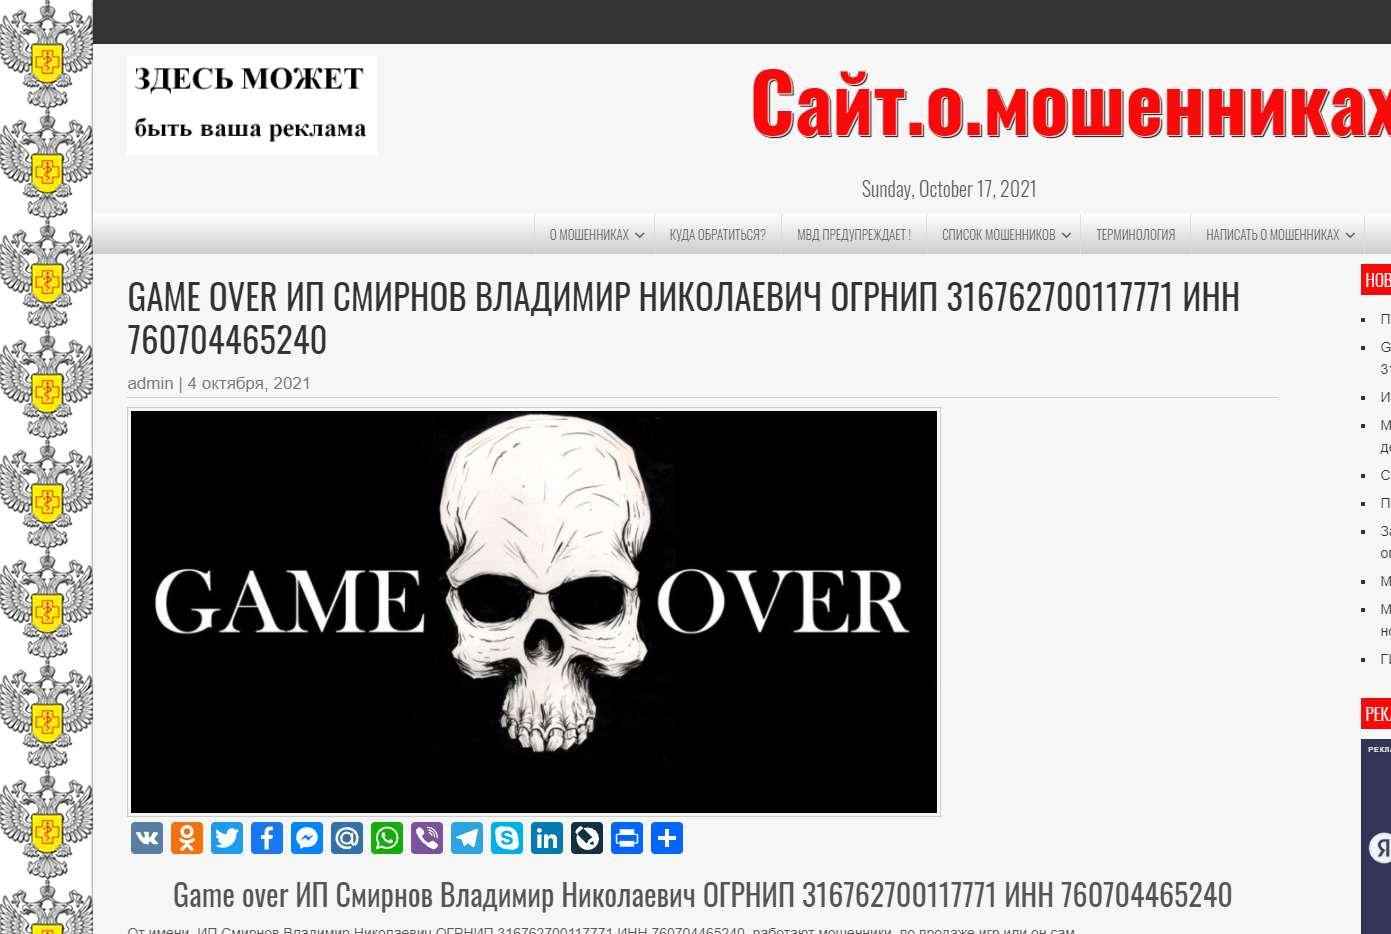 сайт о мошенниках